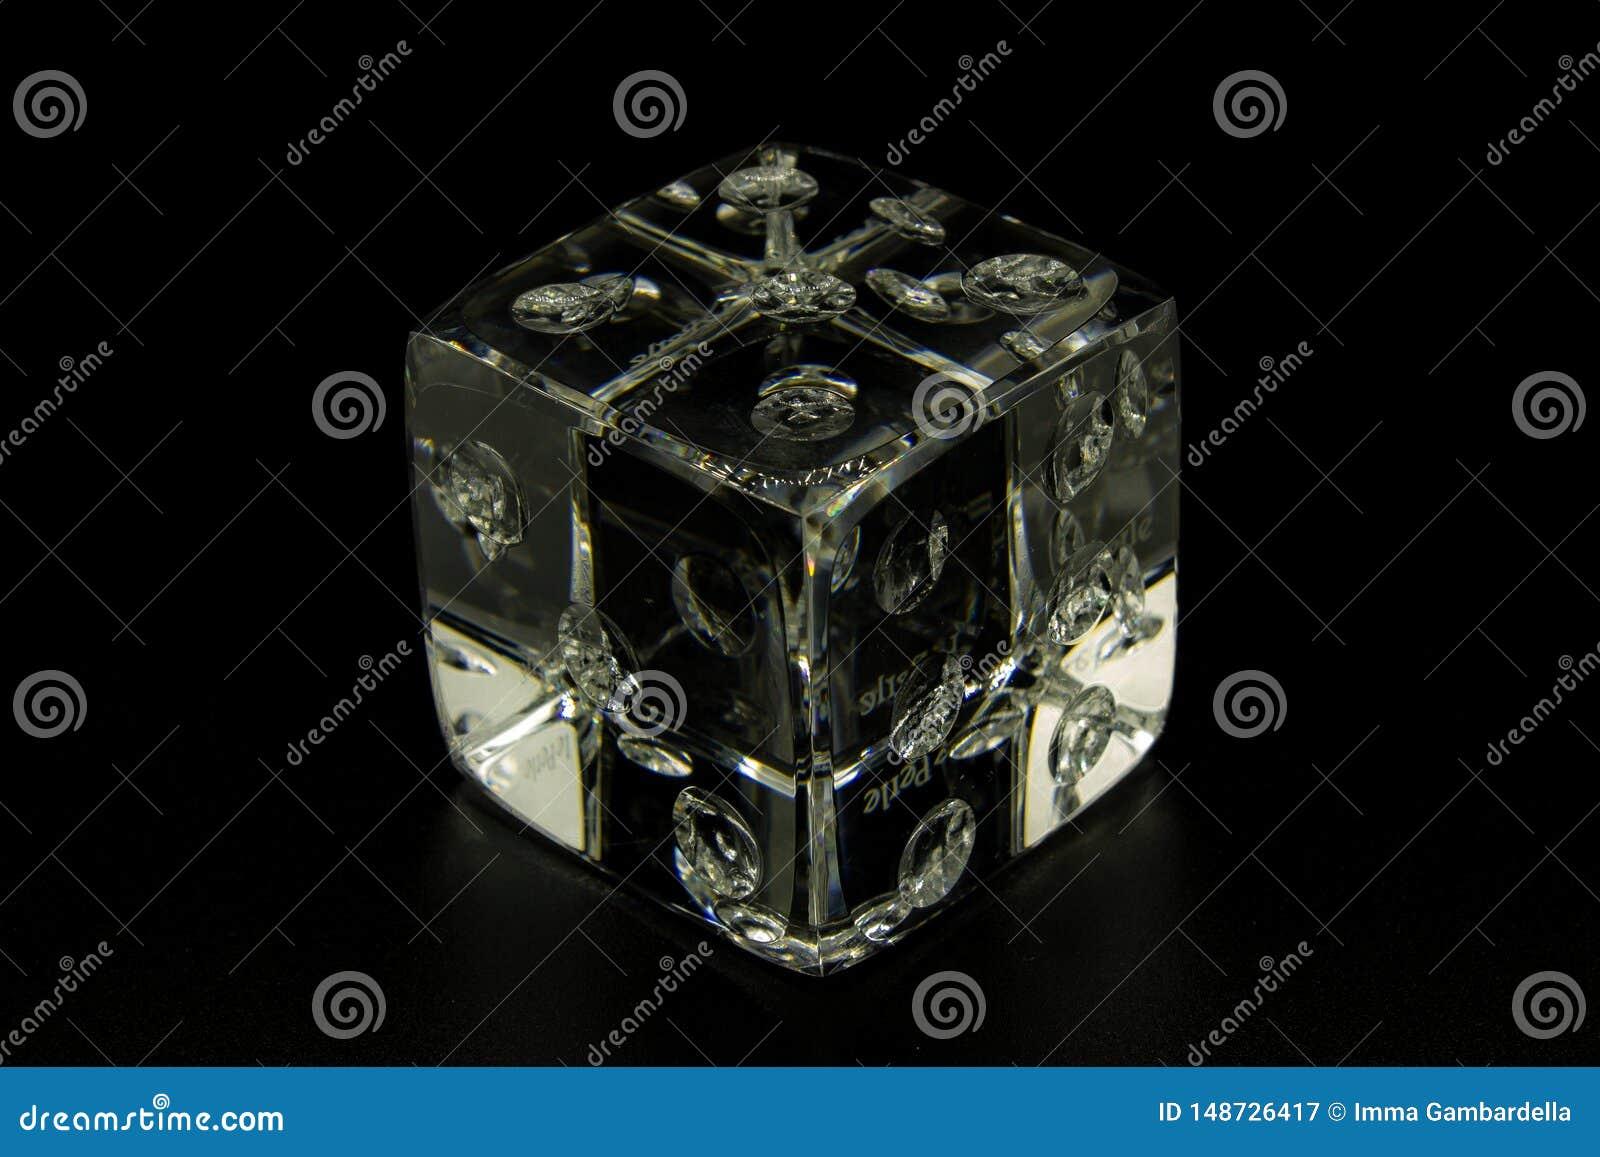 Une matrice de jeu faite de verre sur un fond noir, pour accentuer le transparent